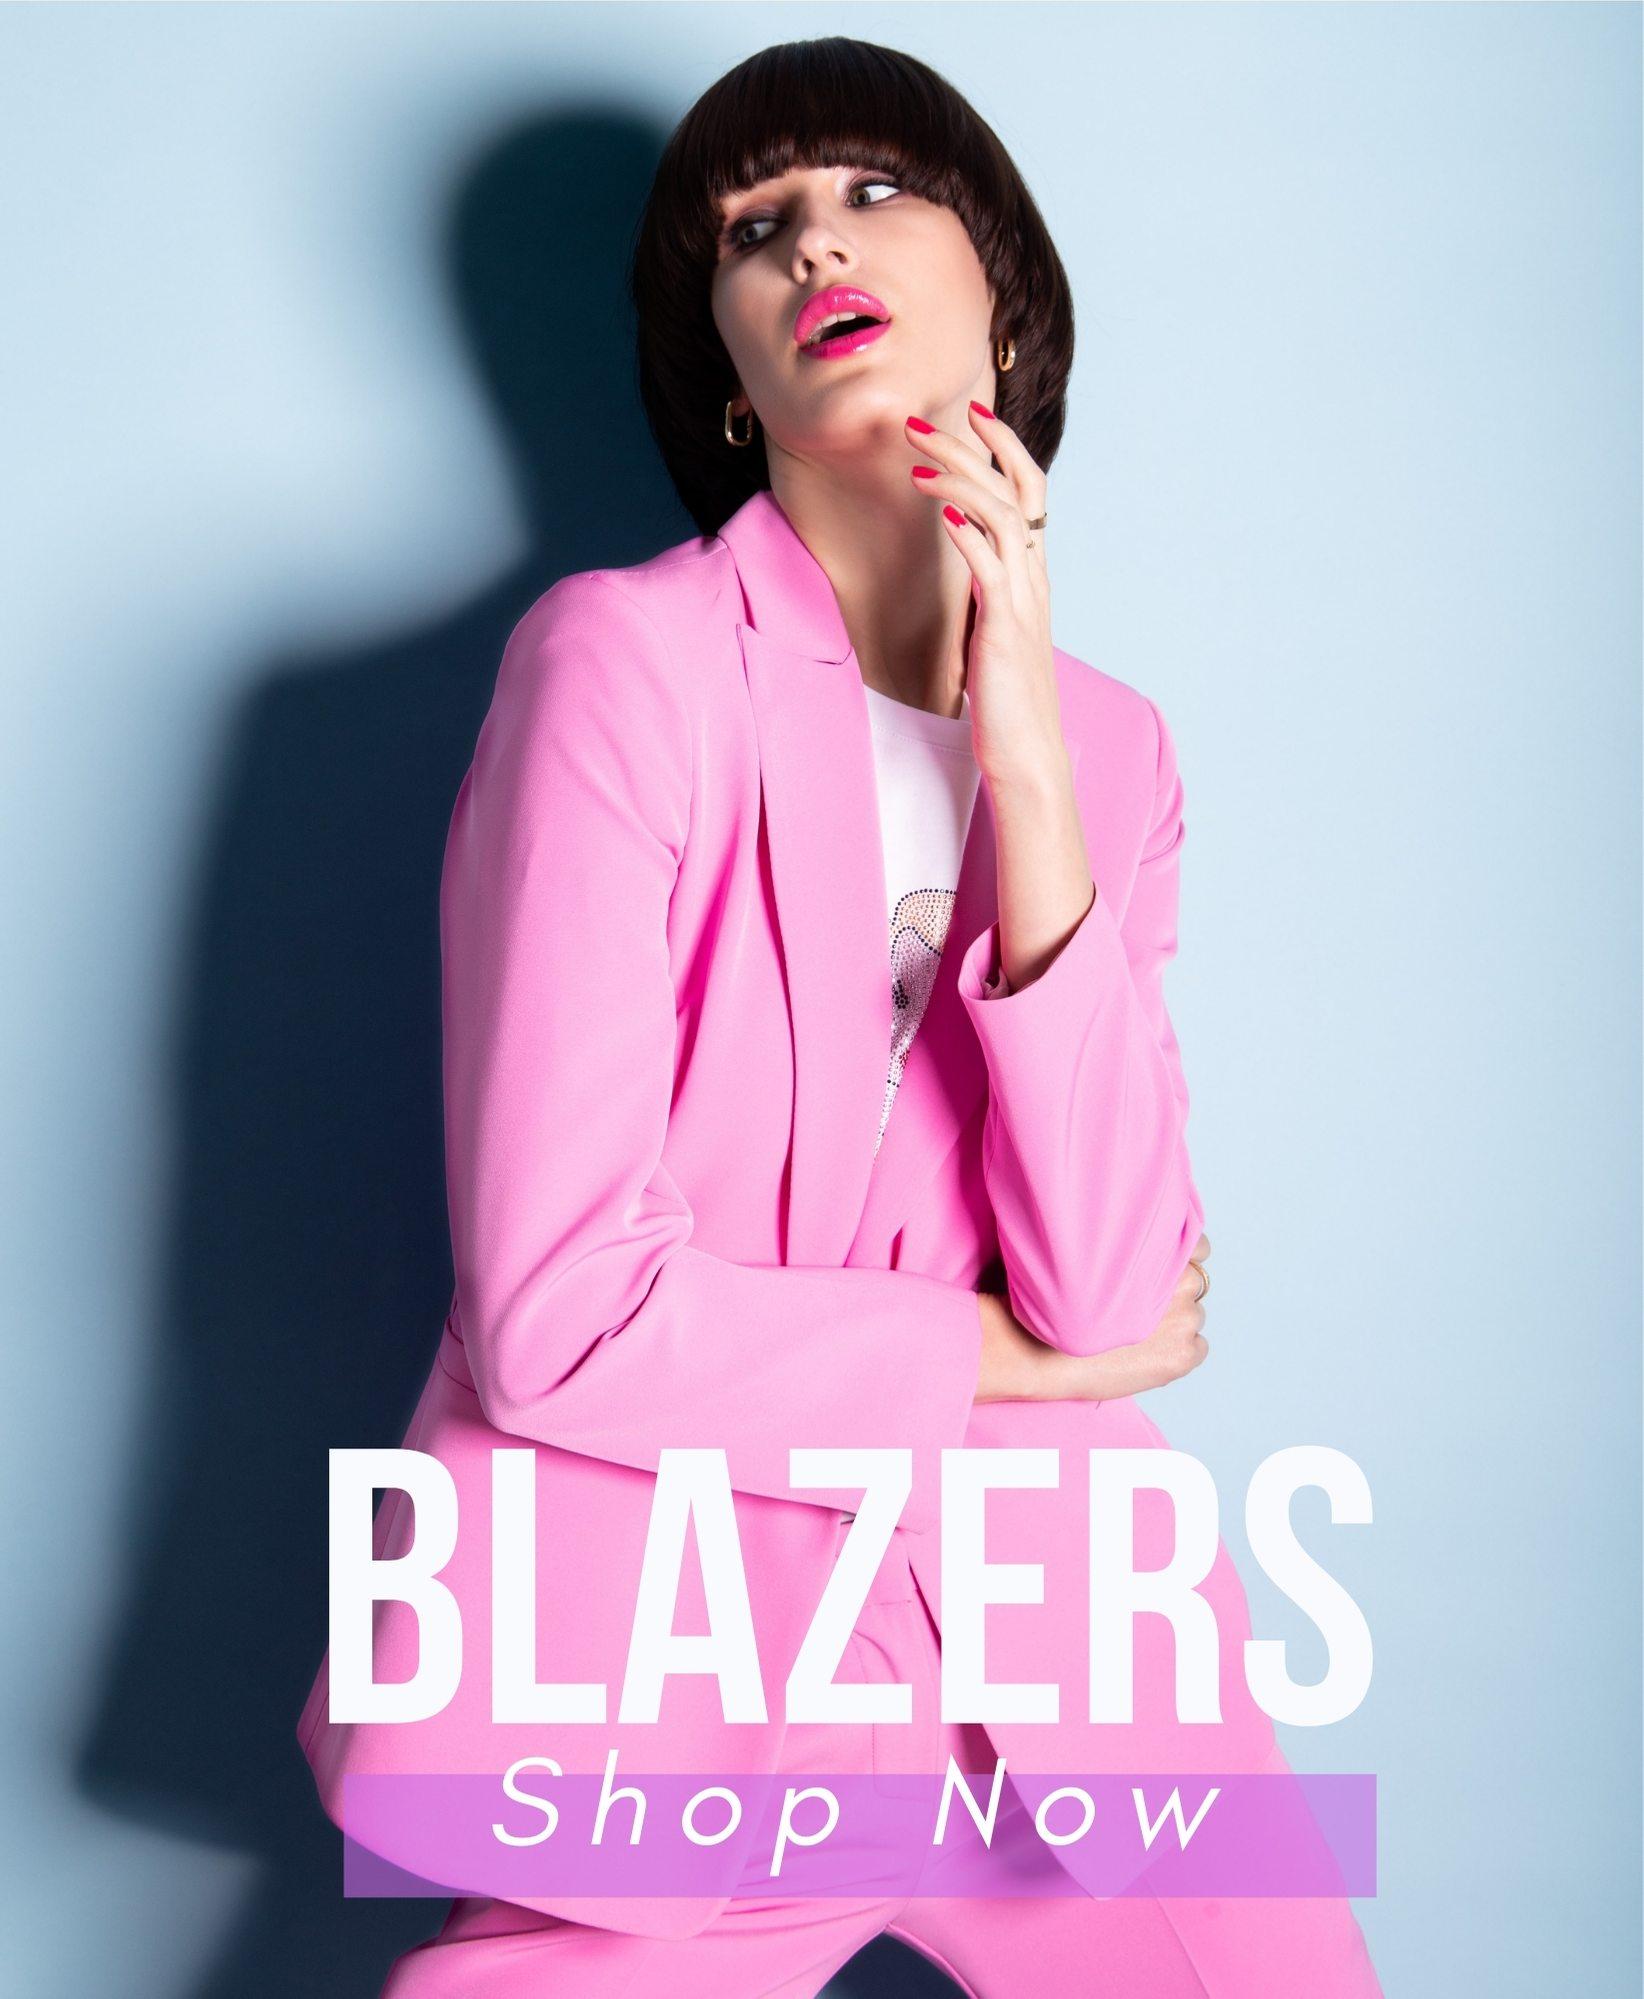 Blazer_Futur3 Fashion_Fashionable woman clothing